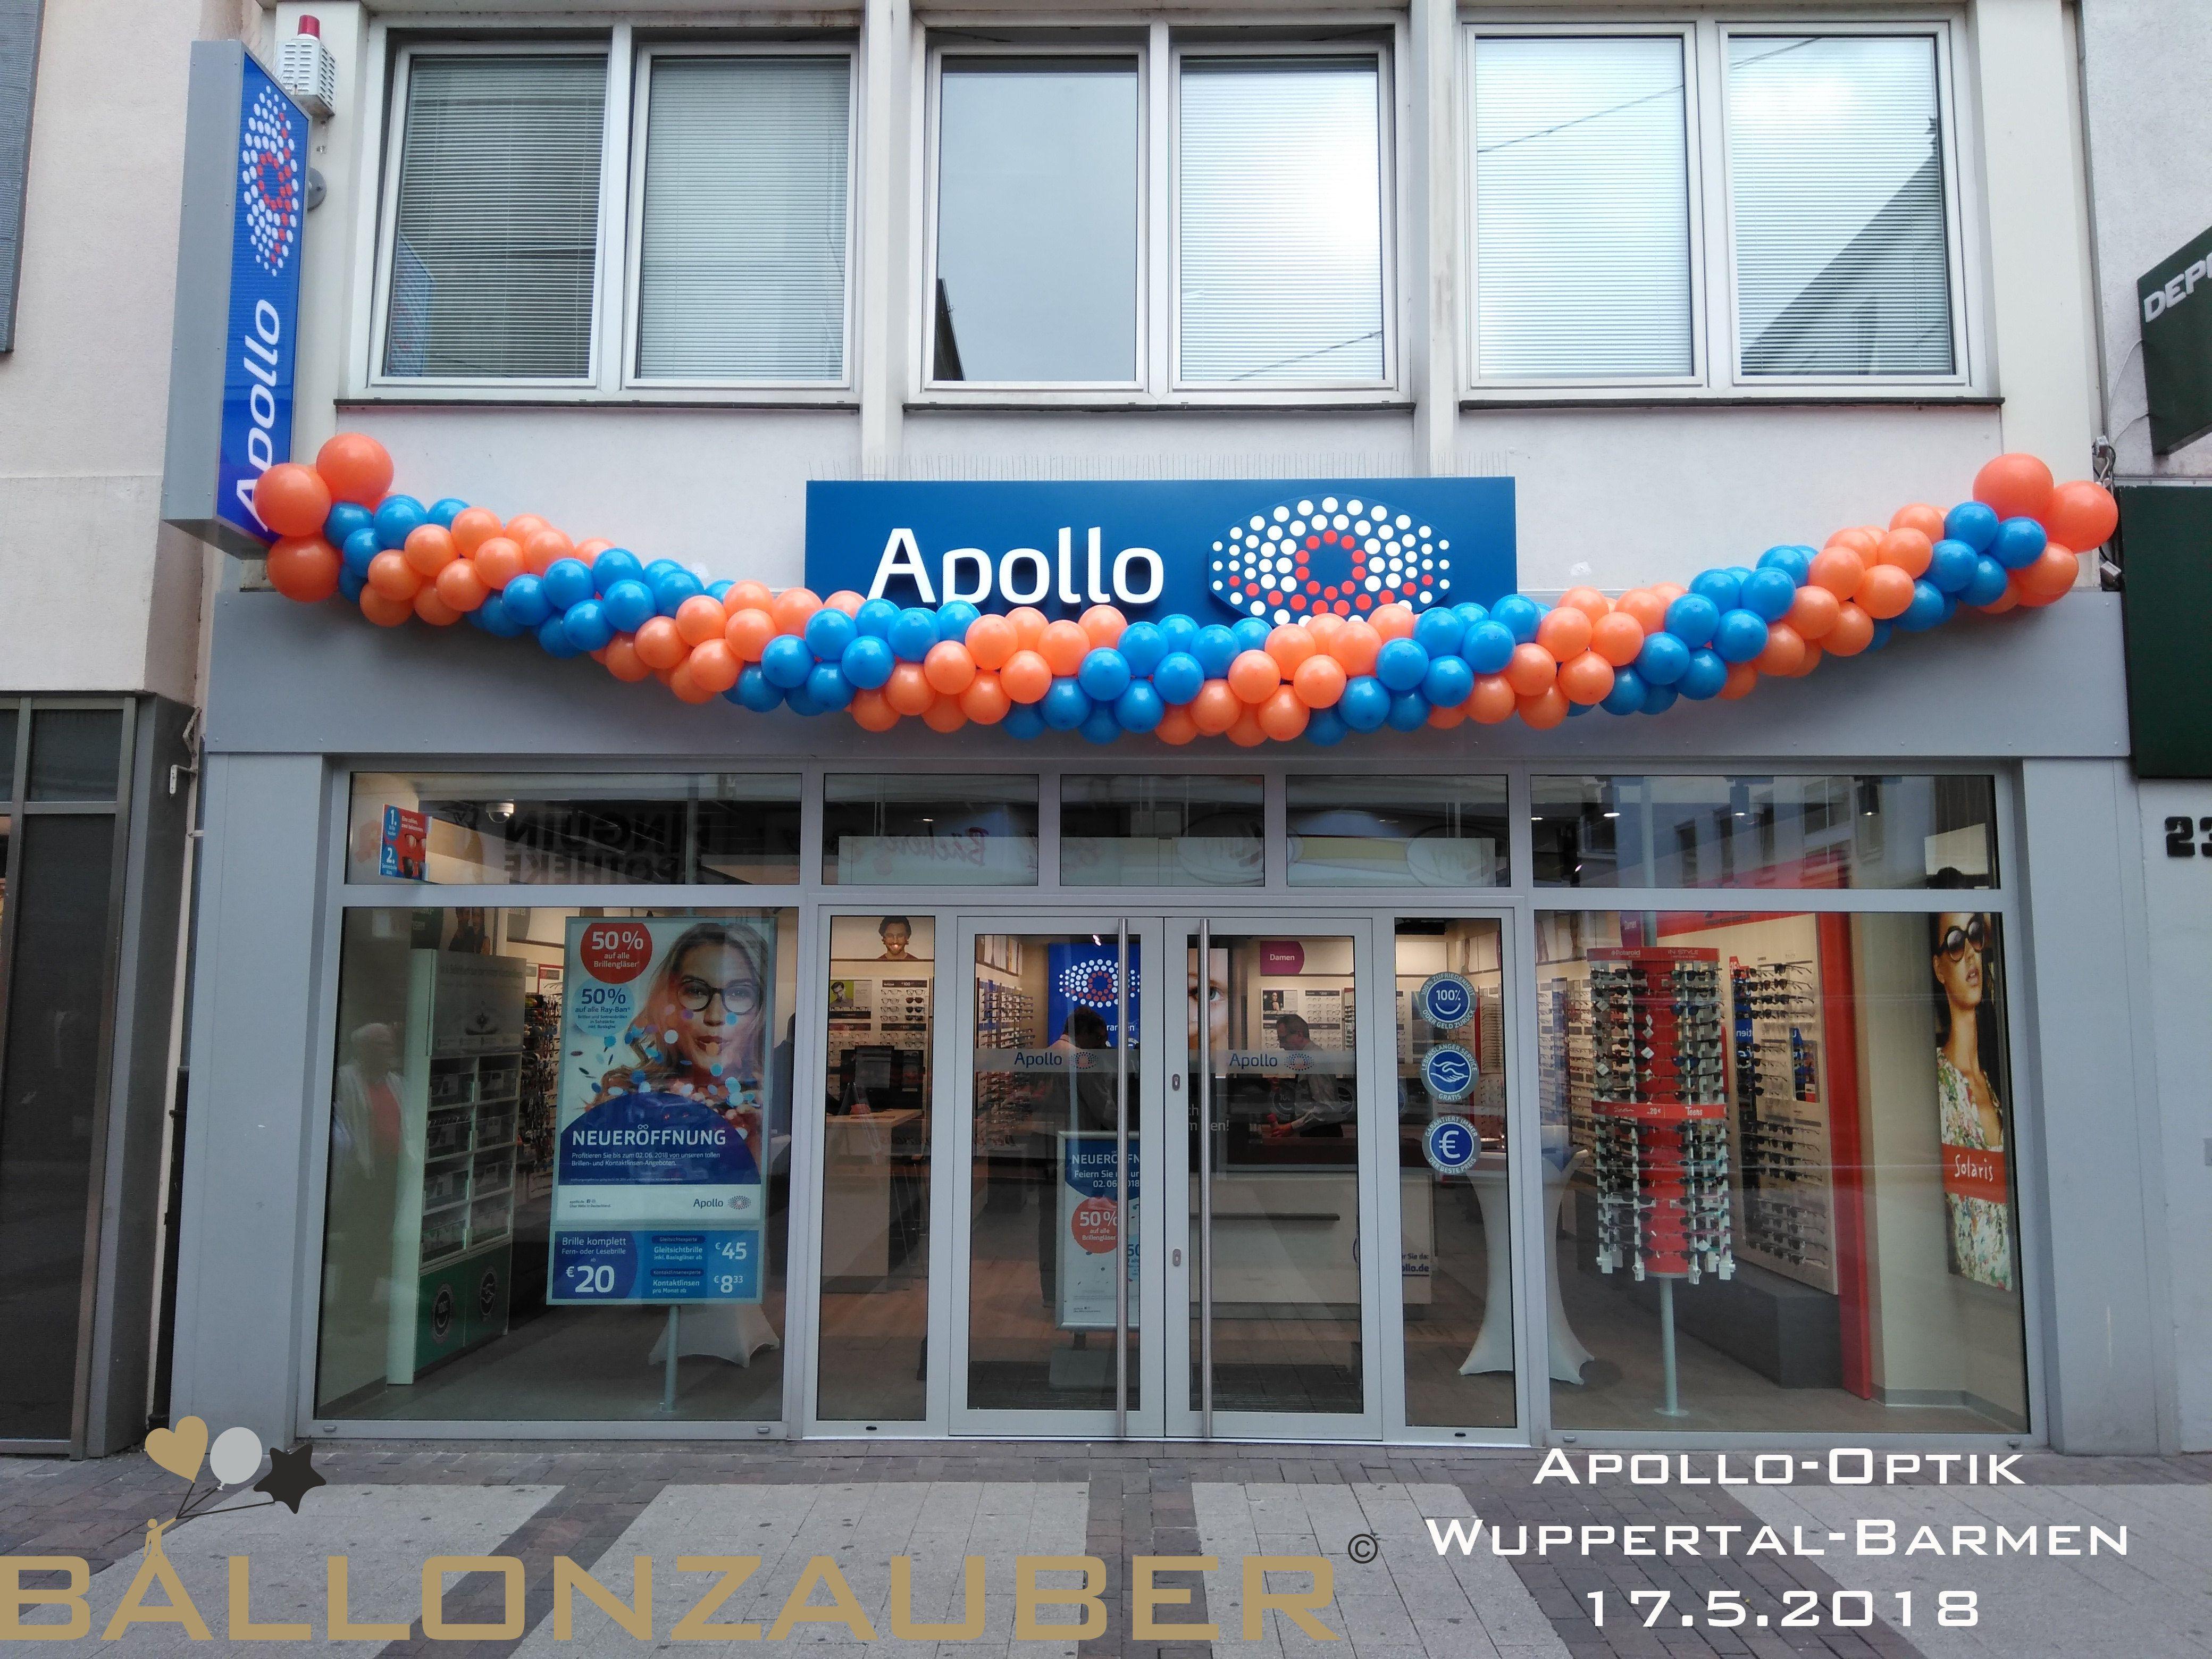 Ballongirlande In Den Firmenfarben Blau Und Orange Fur Die Apollo Filliale In Wuppertal Barmen Ballon Ballondekorationen Ballongirlande Ballon Dekoration